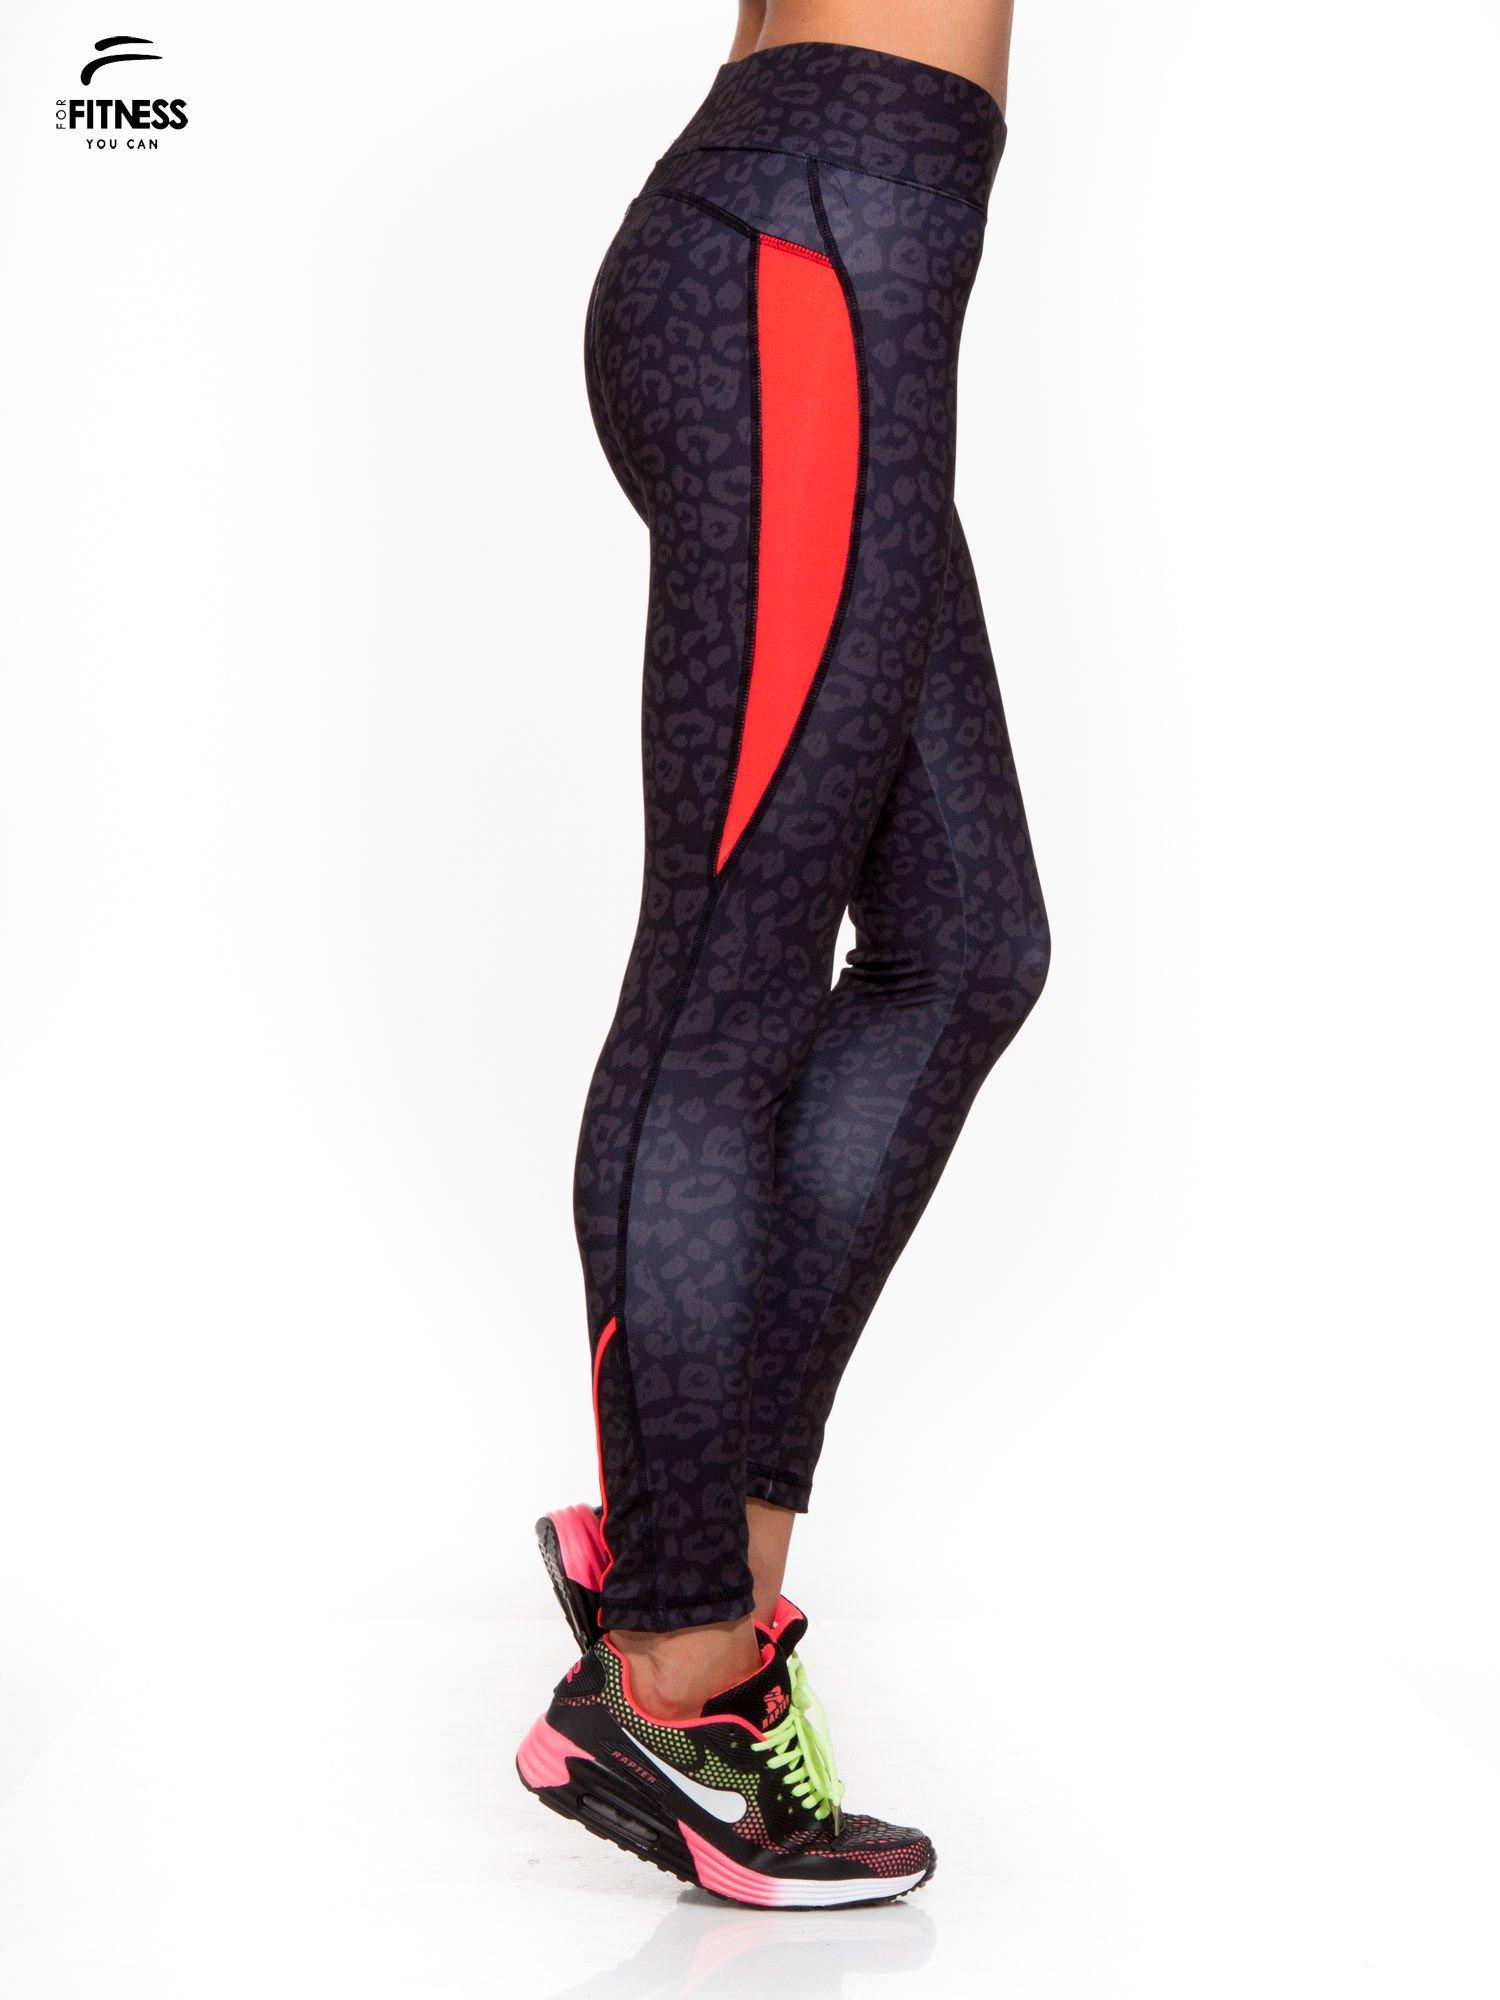 Czarne termoaktywne legginsy do biegania w panterkę z fluoróżowymi wstawkami po bokach ♦ Performance RUN                                  zdj.                                  3